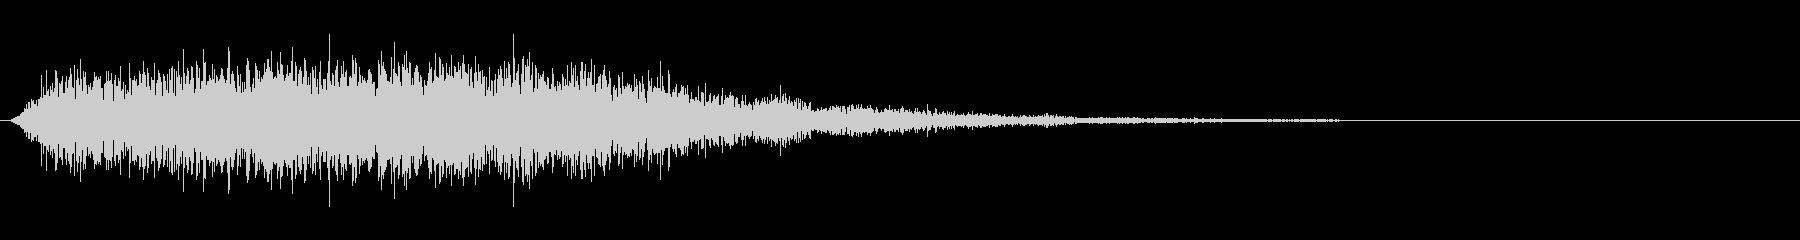 起動音などをイメージしましたの未再生の波形